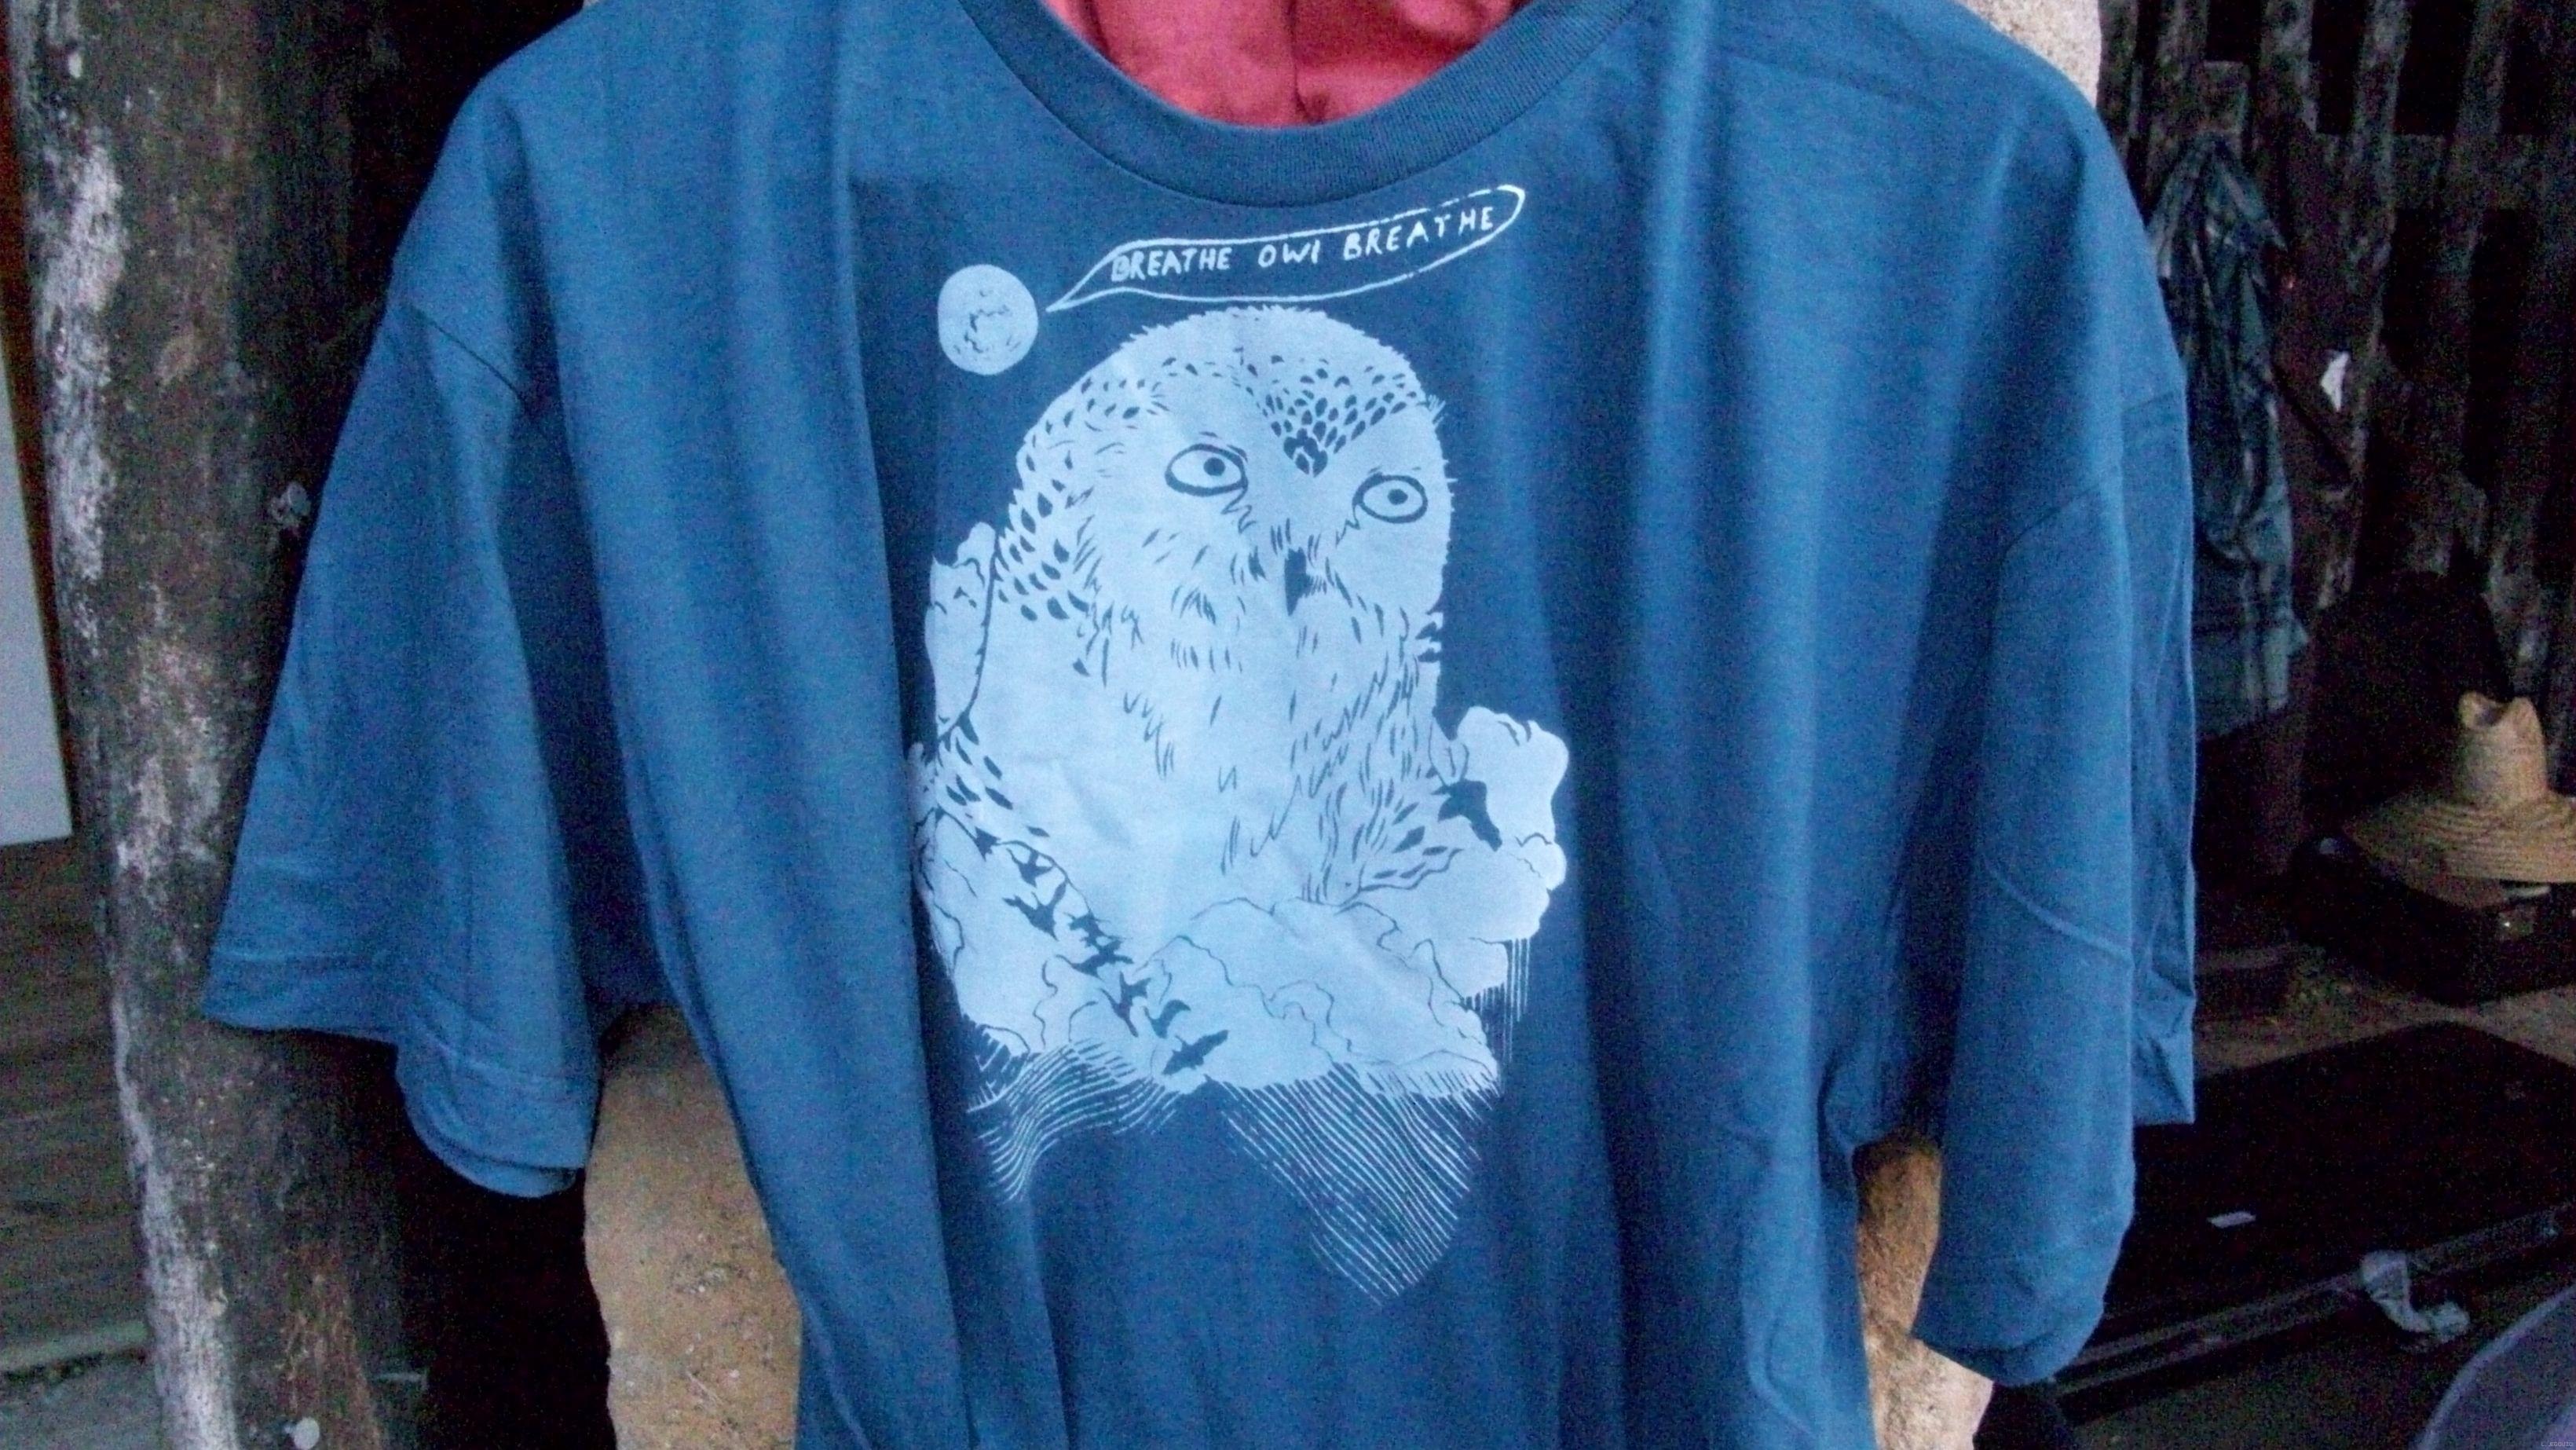 Figures Libres TShirt Breathe Owl Breathe 26 juin 2011 Figures Libres a invité deux groupes, Little Wings et Breathe Owl Breathe, qui ont fait les 1ères partie de la tournée aux USA, de Yann Thiersen, pour un concert à Thoré la Rochette, dimanche 26 juin 2011 :